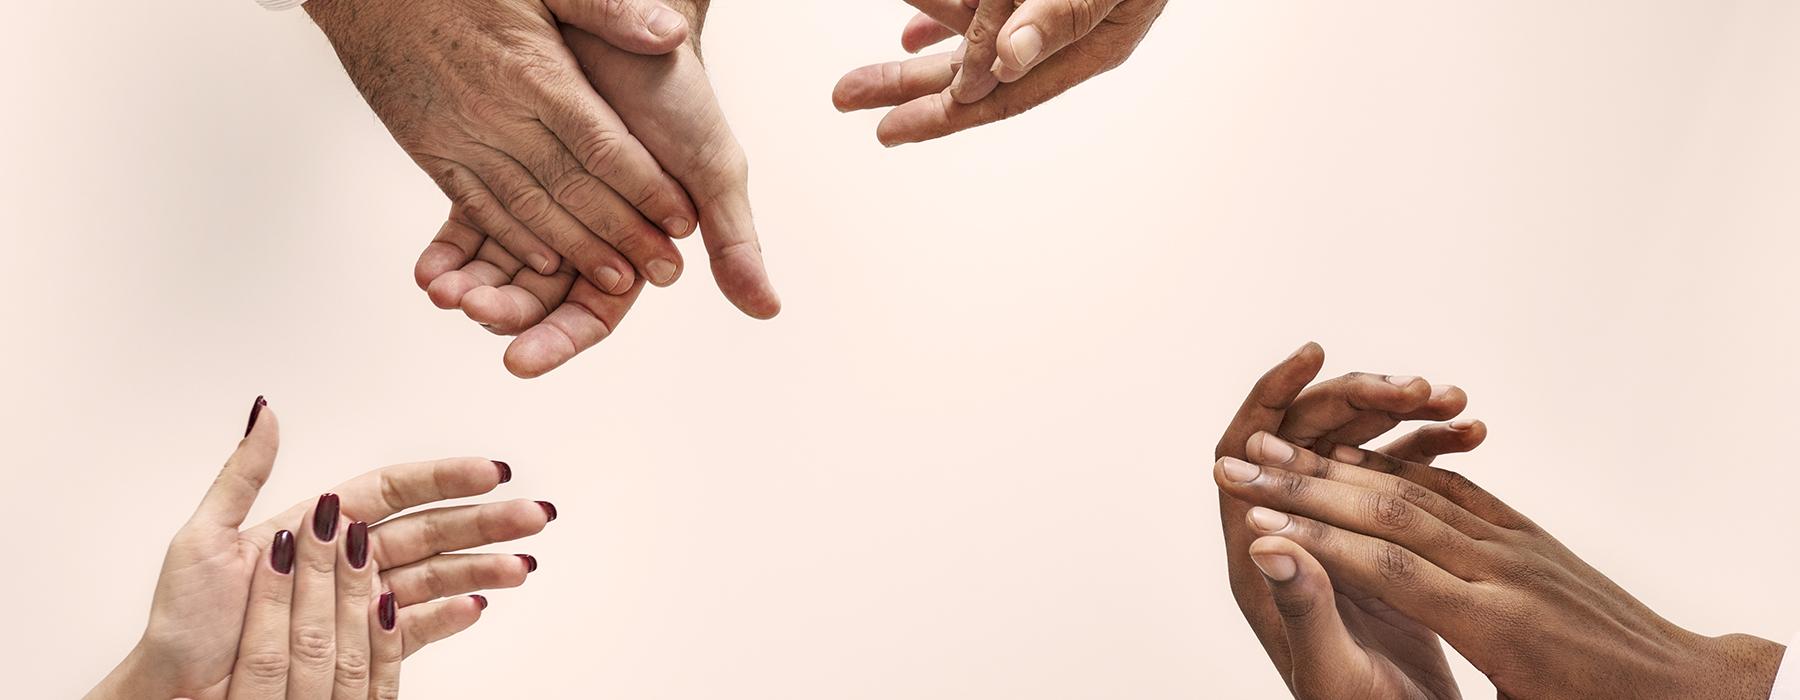 La relance c'est maintenant, le MEDEF Lyon-Rhône soutient les entreprises et l'emploi